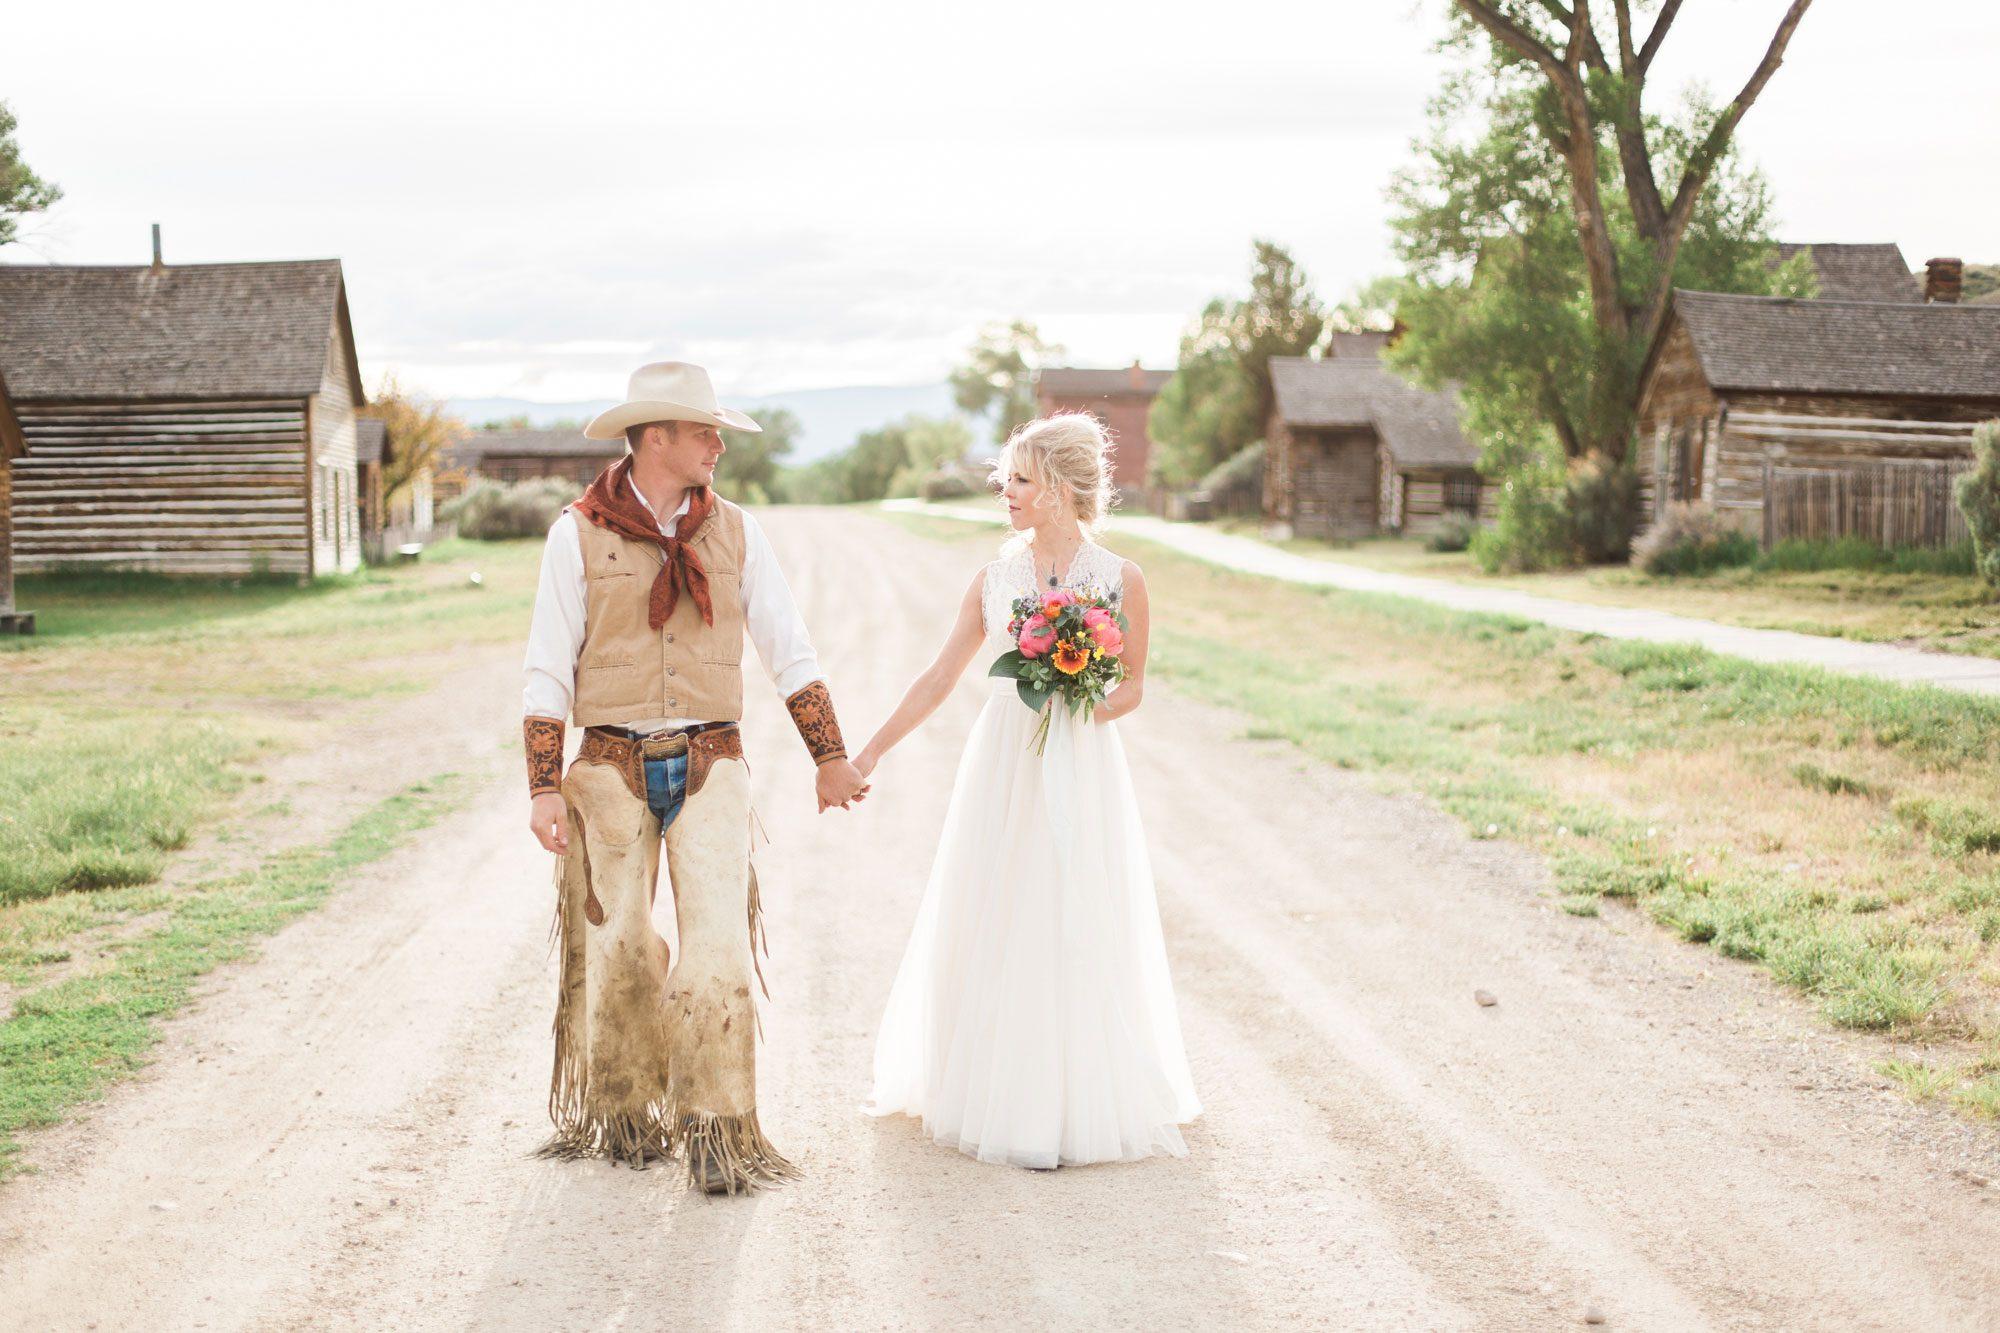 StellaKelsie0101 2000x1333 - Old West Wedding Ideas